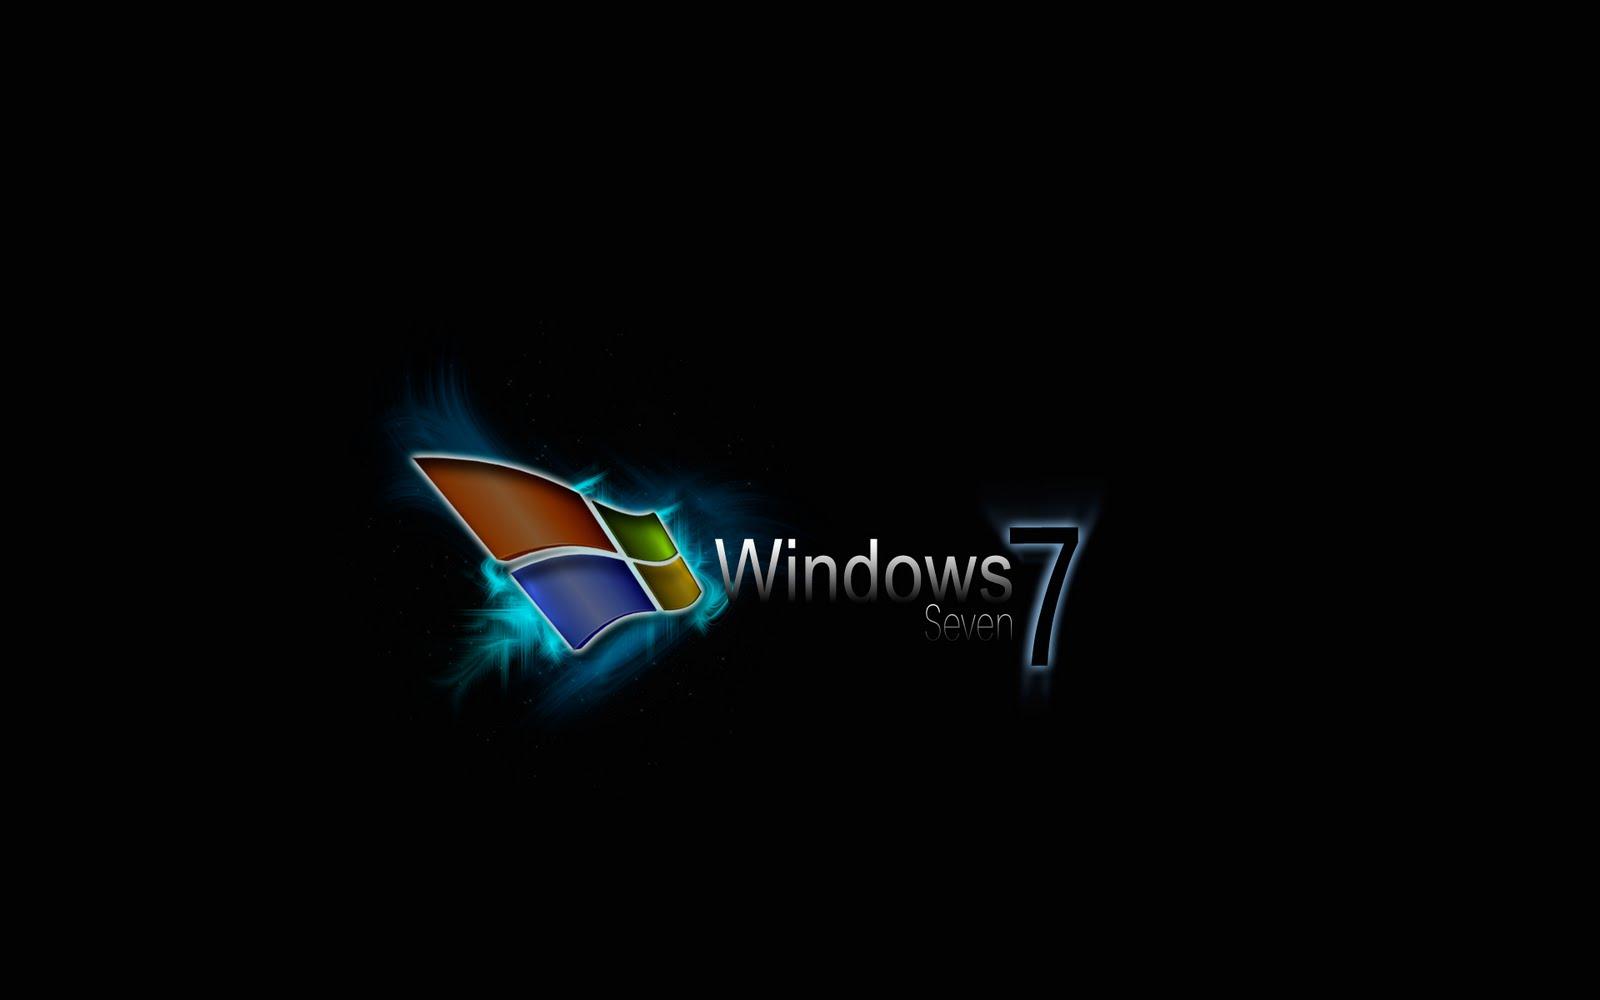 http://3.bp.blogspot.com/-uWgCRDf8c50/T4g7YQCfrXI/AAAAAAAAGnc/a7XwSgu0B_w/s1600/windows_7_wallpaper-1.jpg